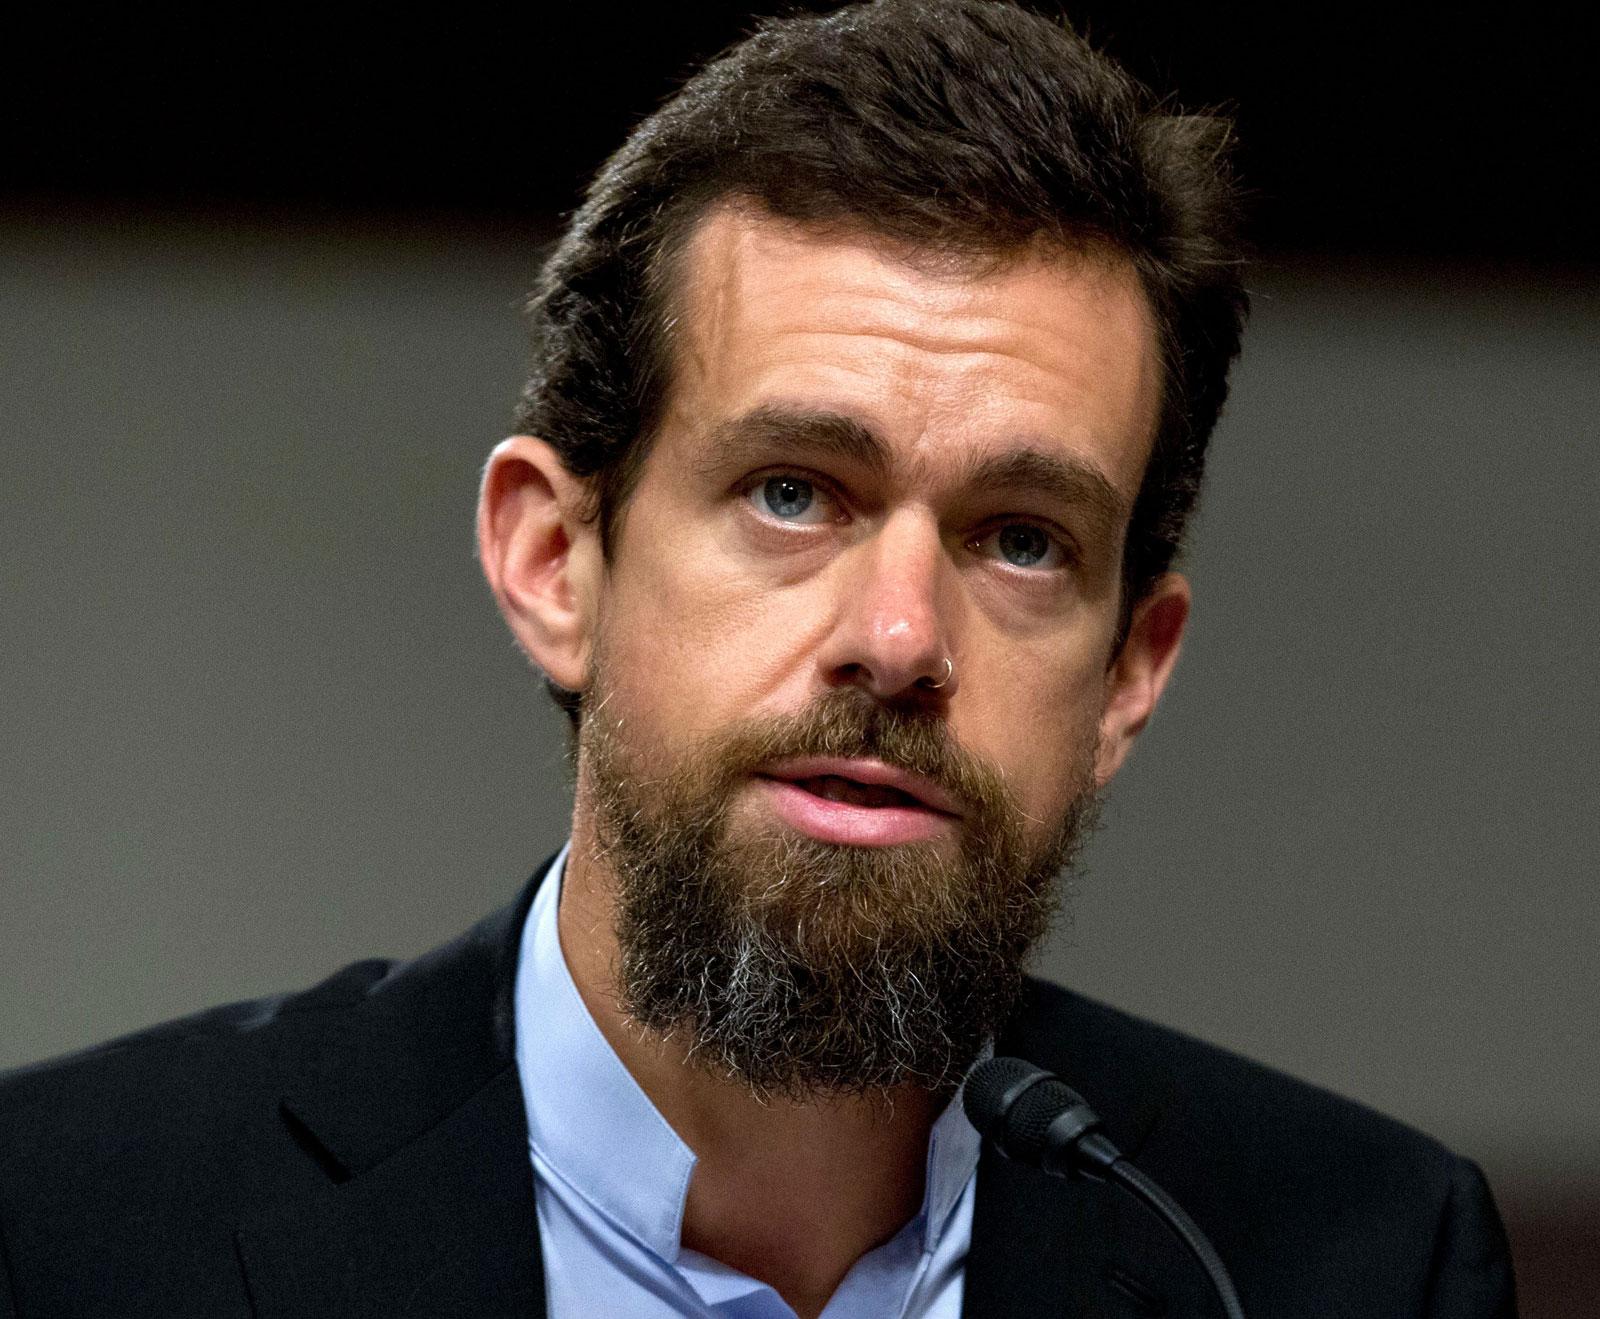 """封禁拜登""""黑料""""遭外界抨击,Twitter被迫低头认错,火速修改内部政策"""